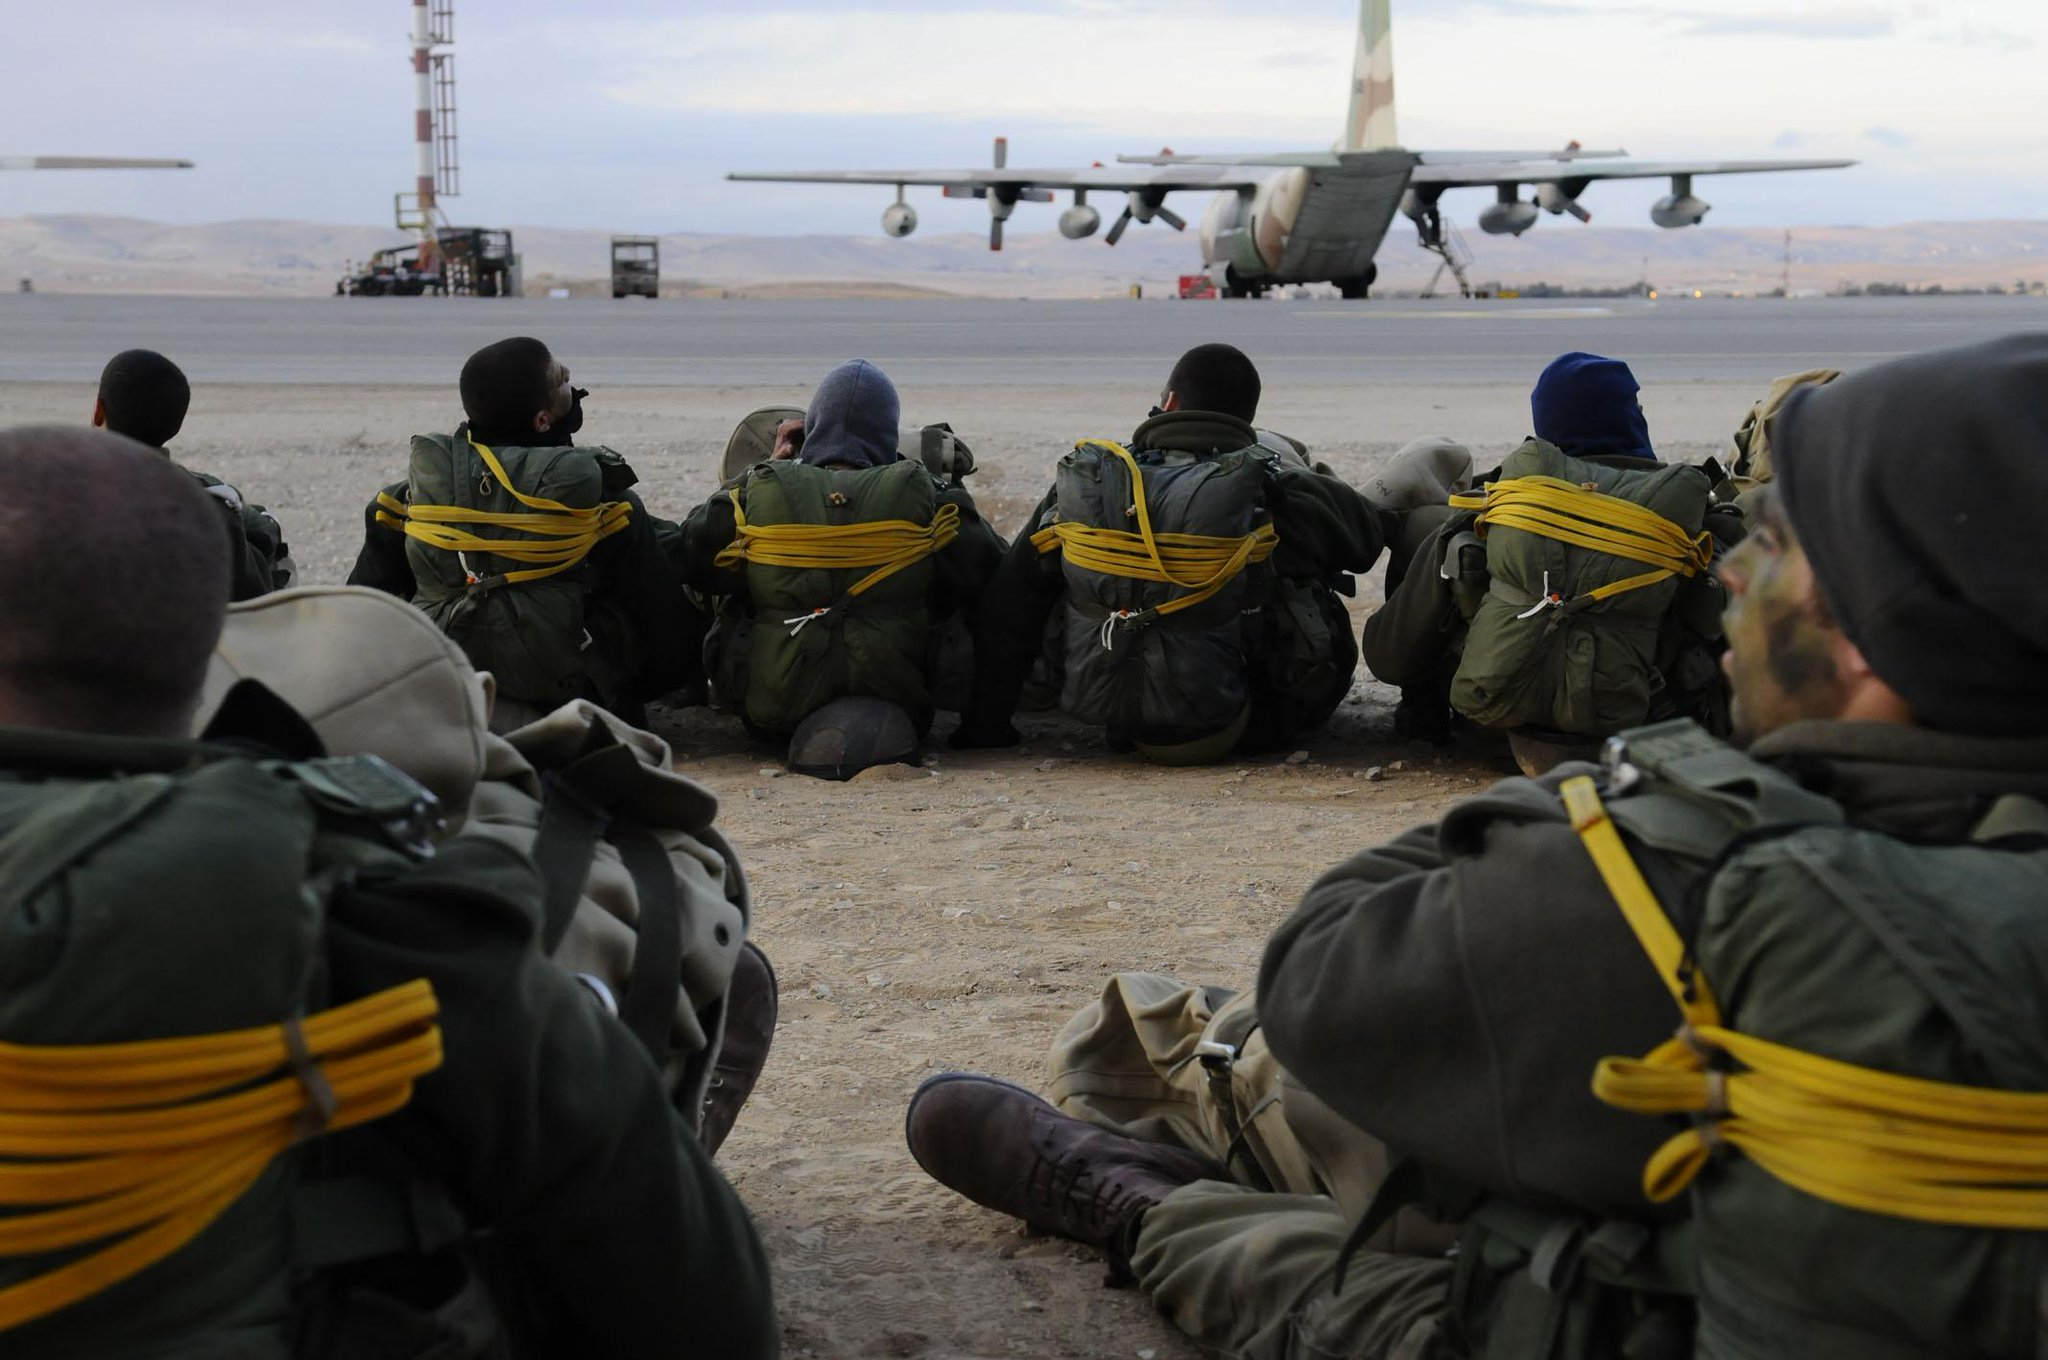 Десантники #ЦАХАЛ поздравляют всех бывших и действующих десантников СНГ с профессиональным праздником! #ДеньВДВ http://t.co/mDHtGUWjl1